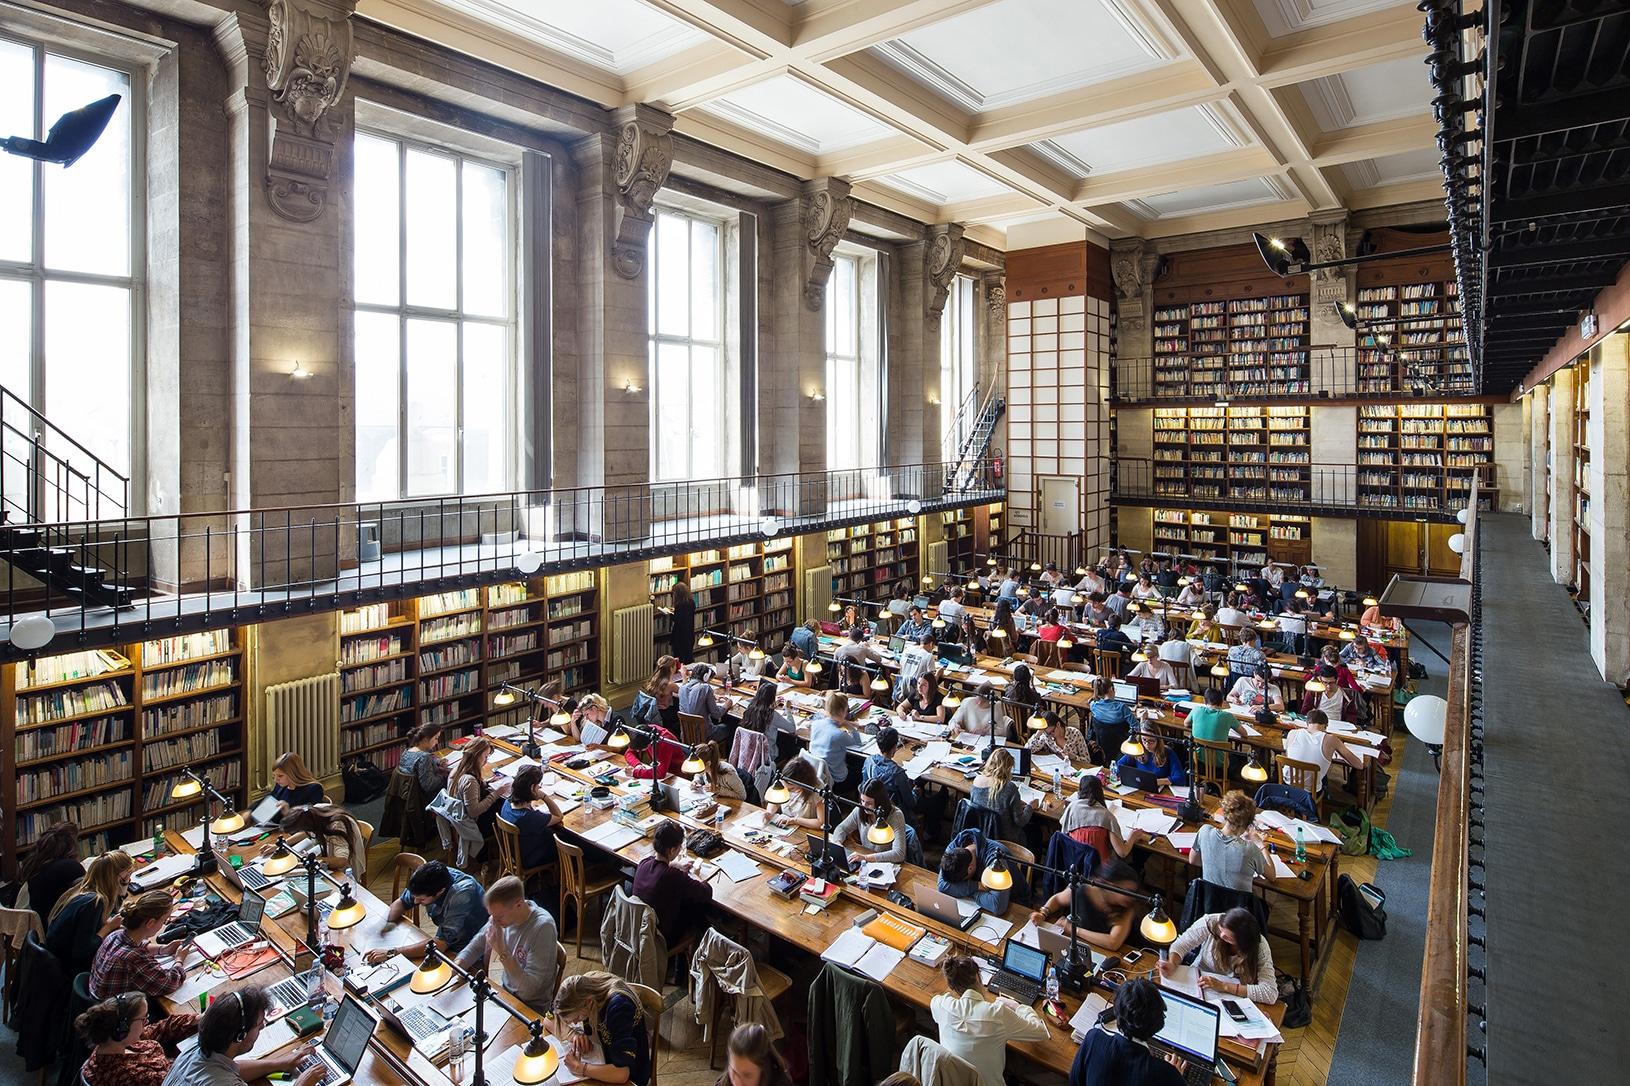 Les ambitions de l 39 universit de bordeaux vivre for Les chambres d art bordeaux